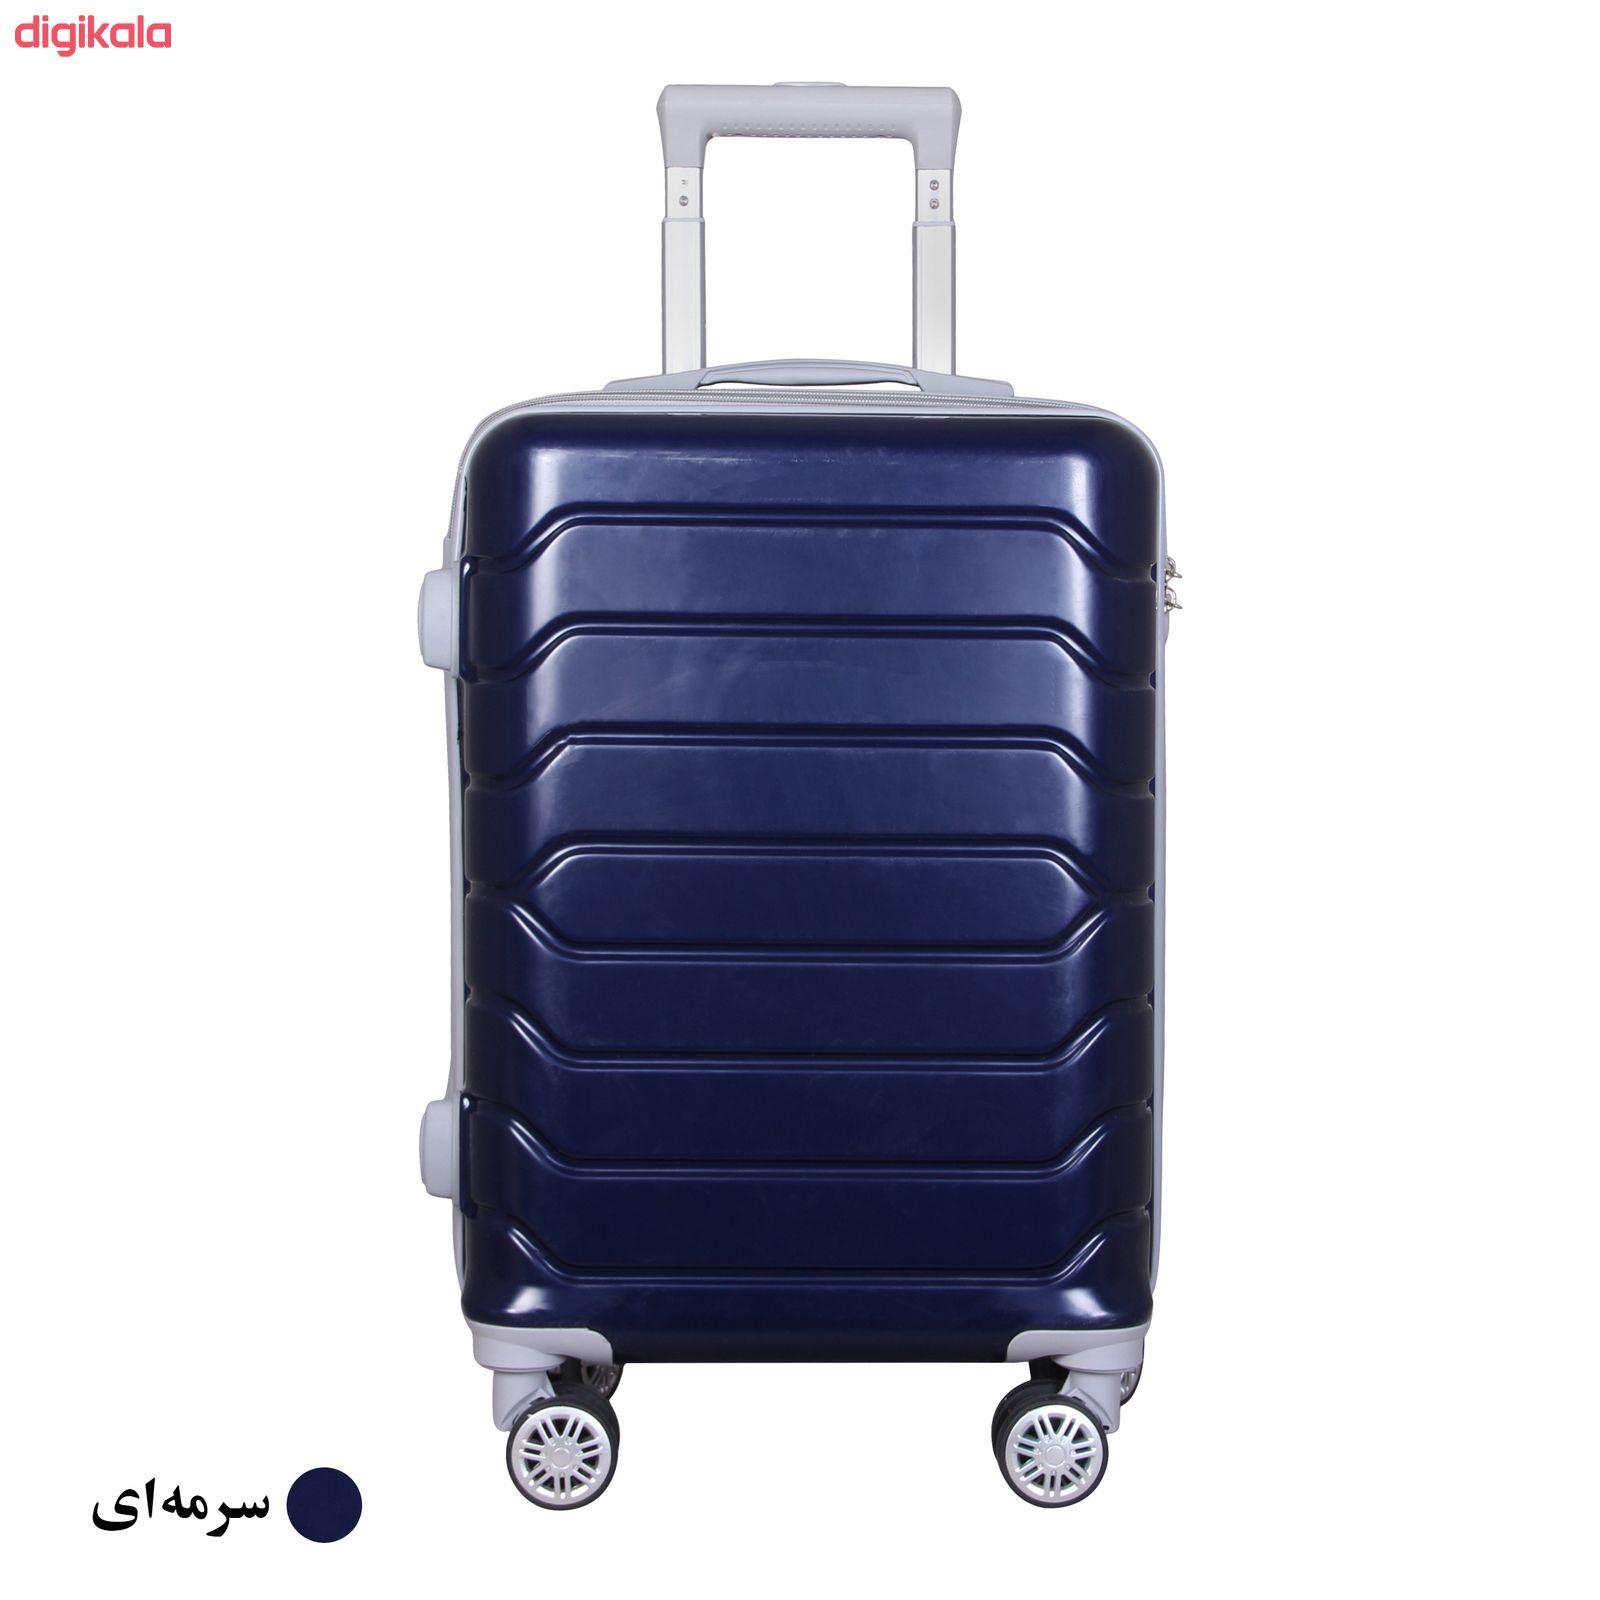 مجموعه سه عددی چمدان مدل 20020 main 1 10